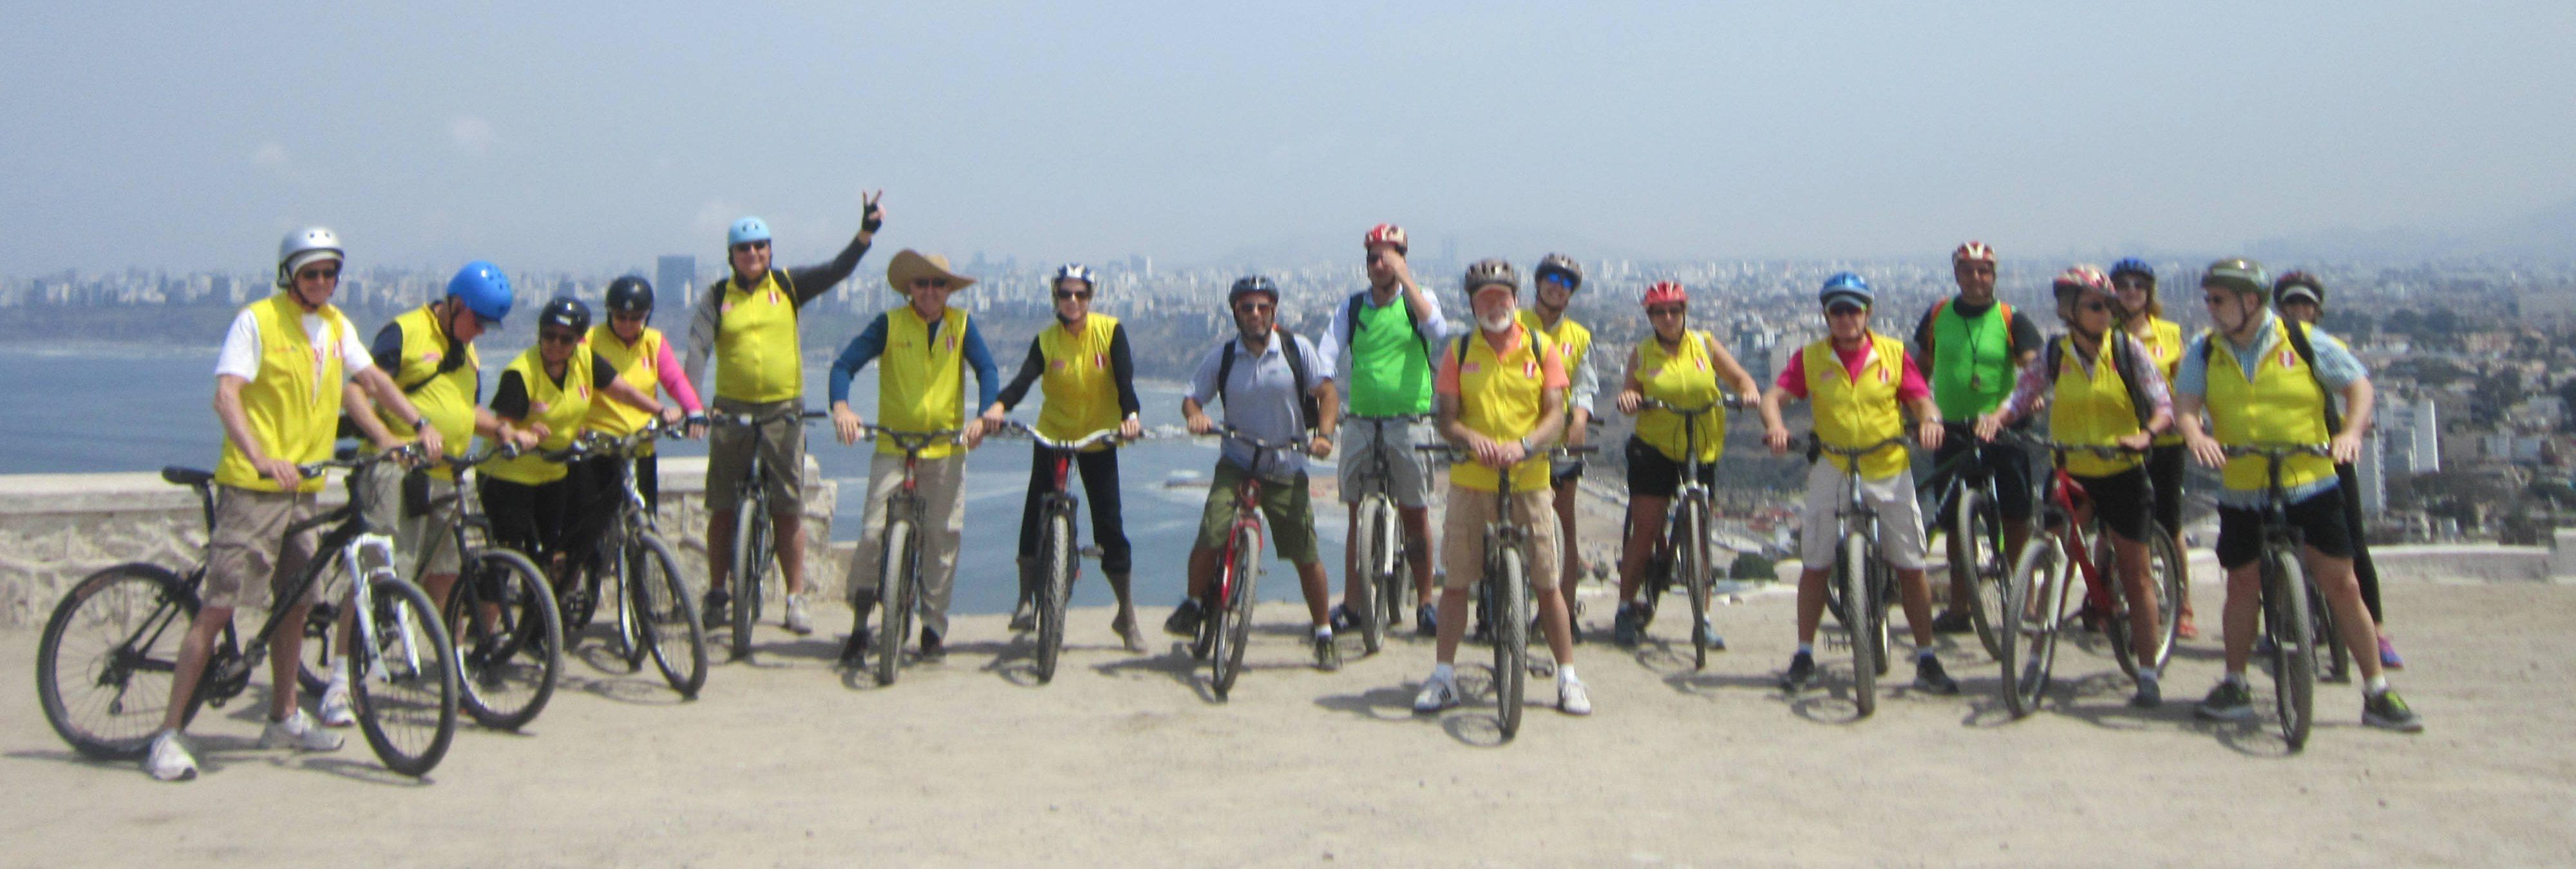 on-a-bike-ride-in-lima-peru